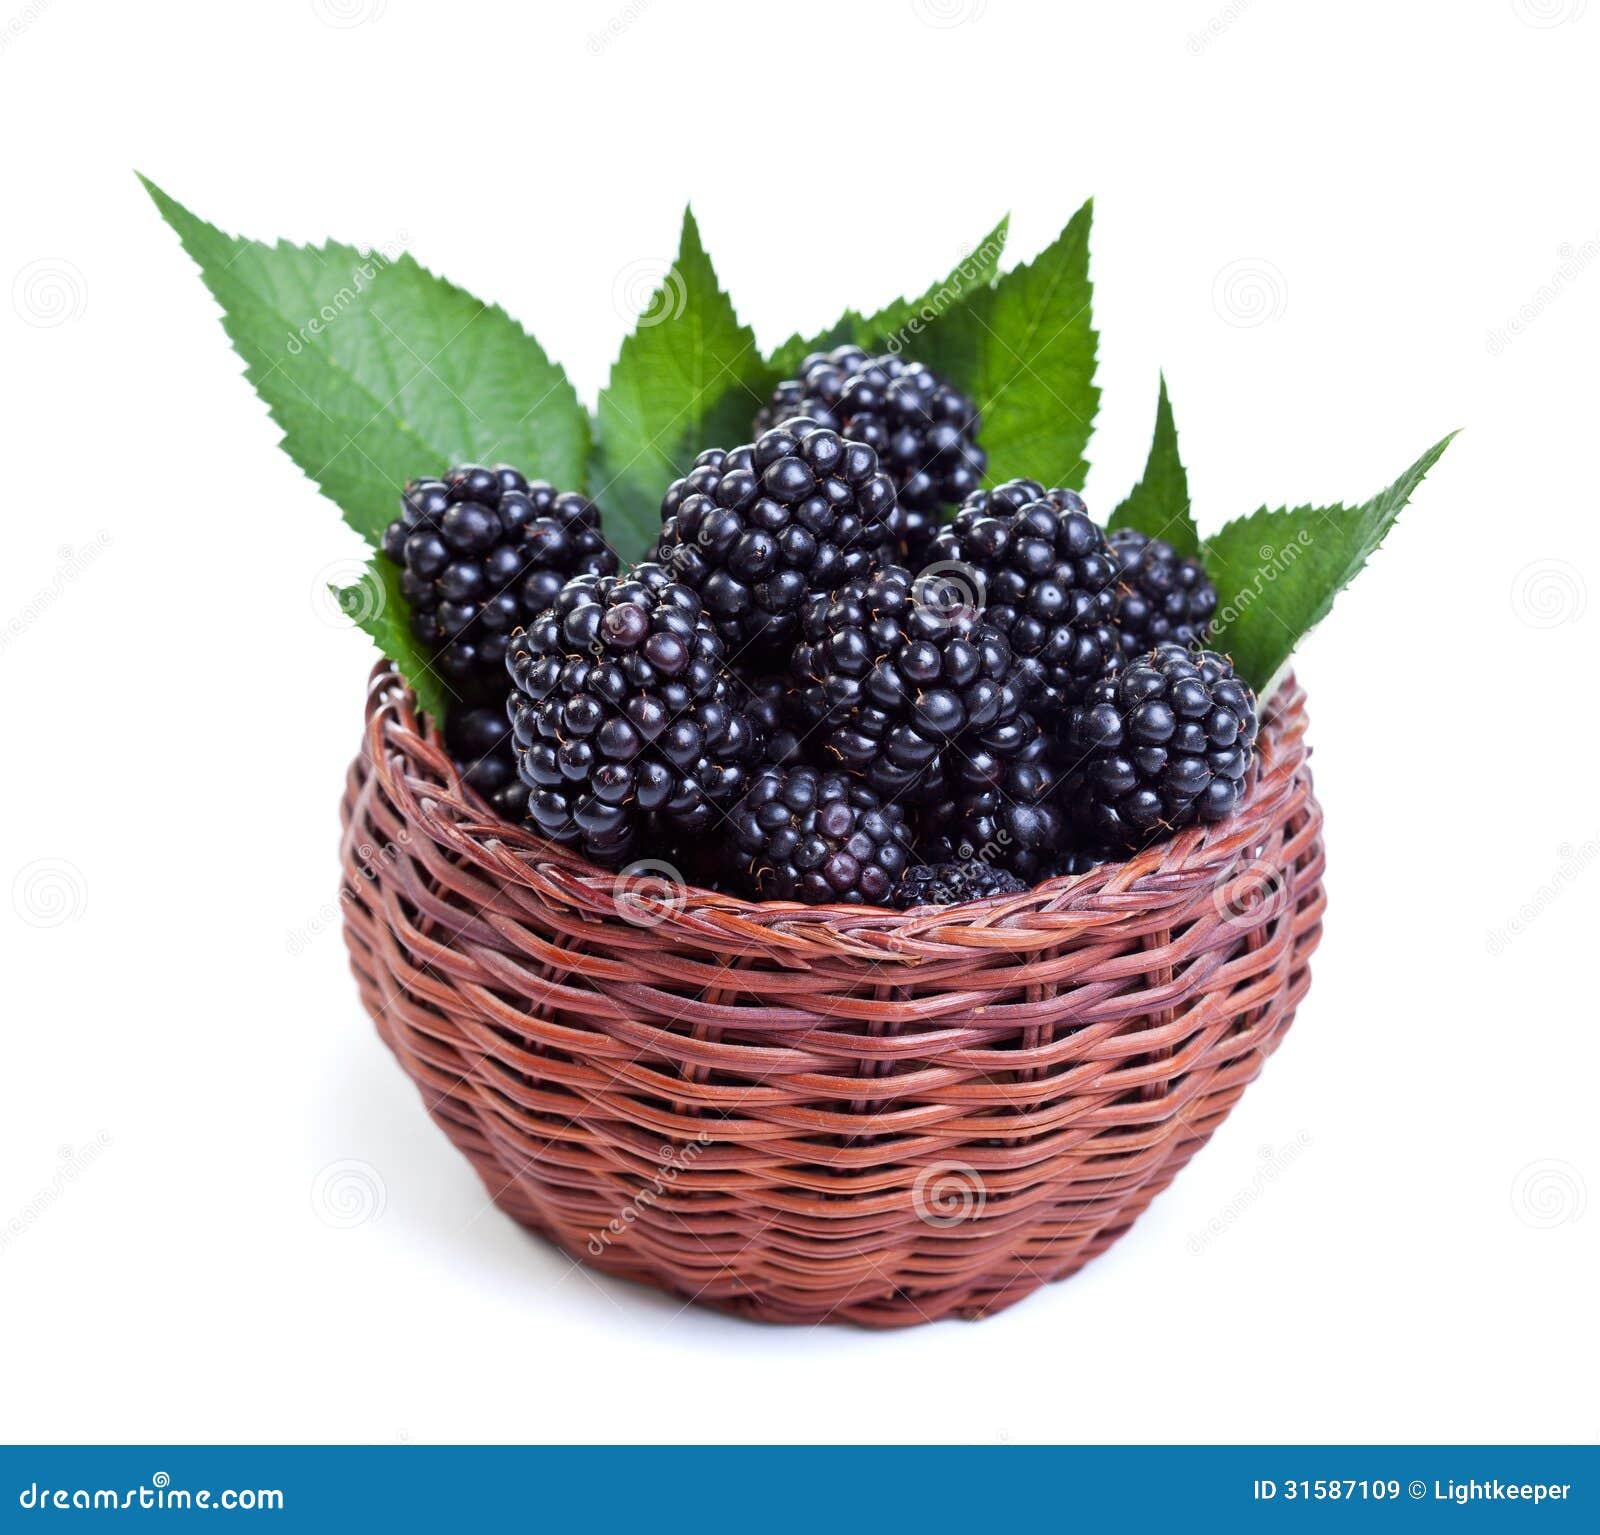 how to clean fresh blackberries